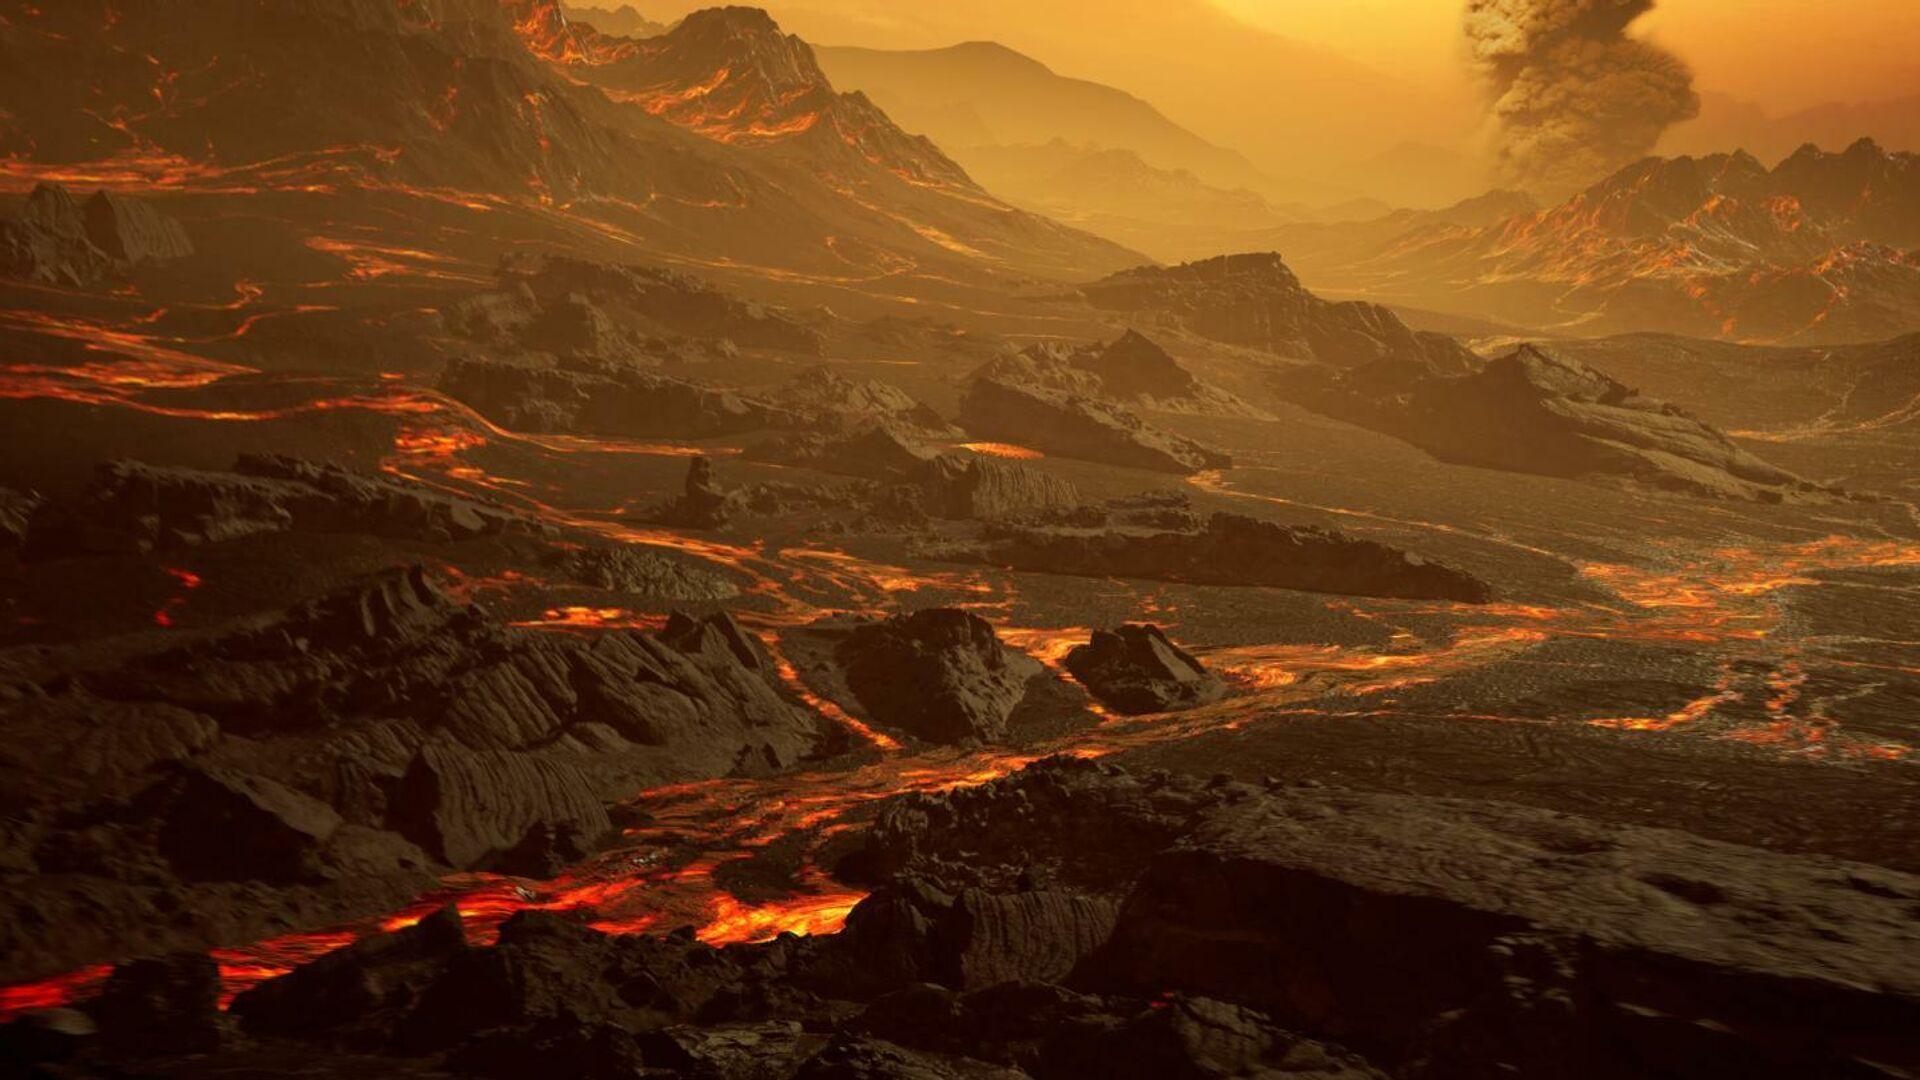 Художественное представление о поверхности экзопланеты Gliese 486b, где при температуре около 430 градусов Цельсия текут реки лавы - РИА Новости, 1920, 05.03.2021